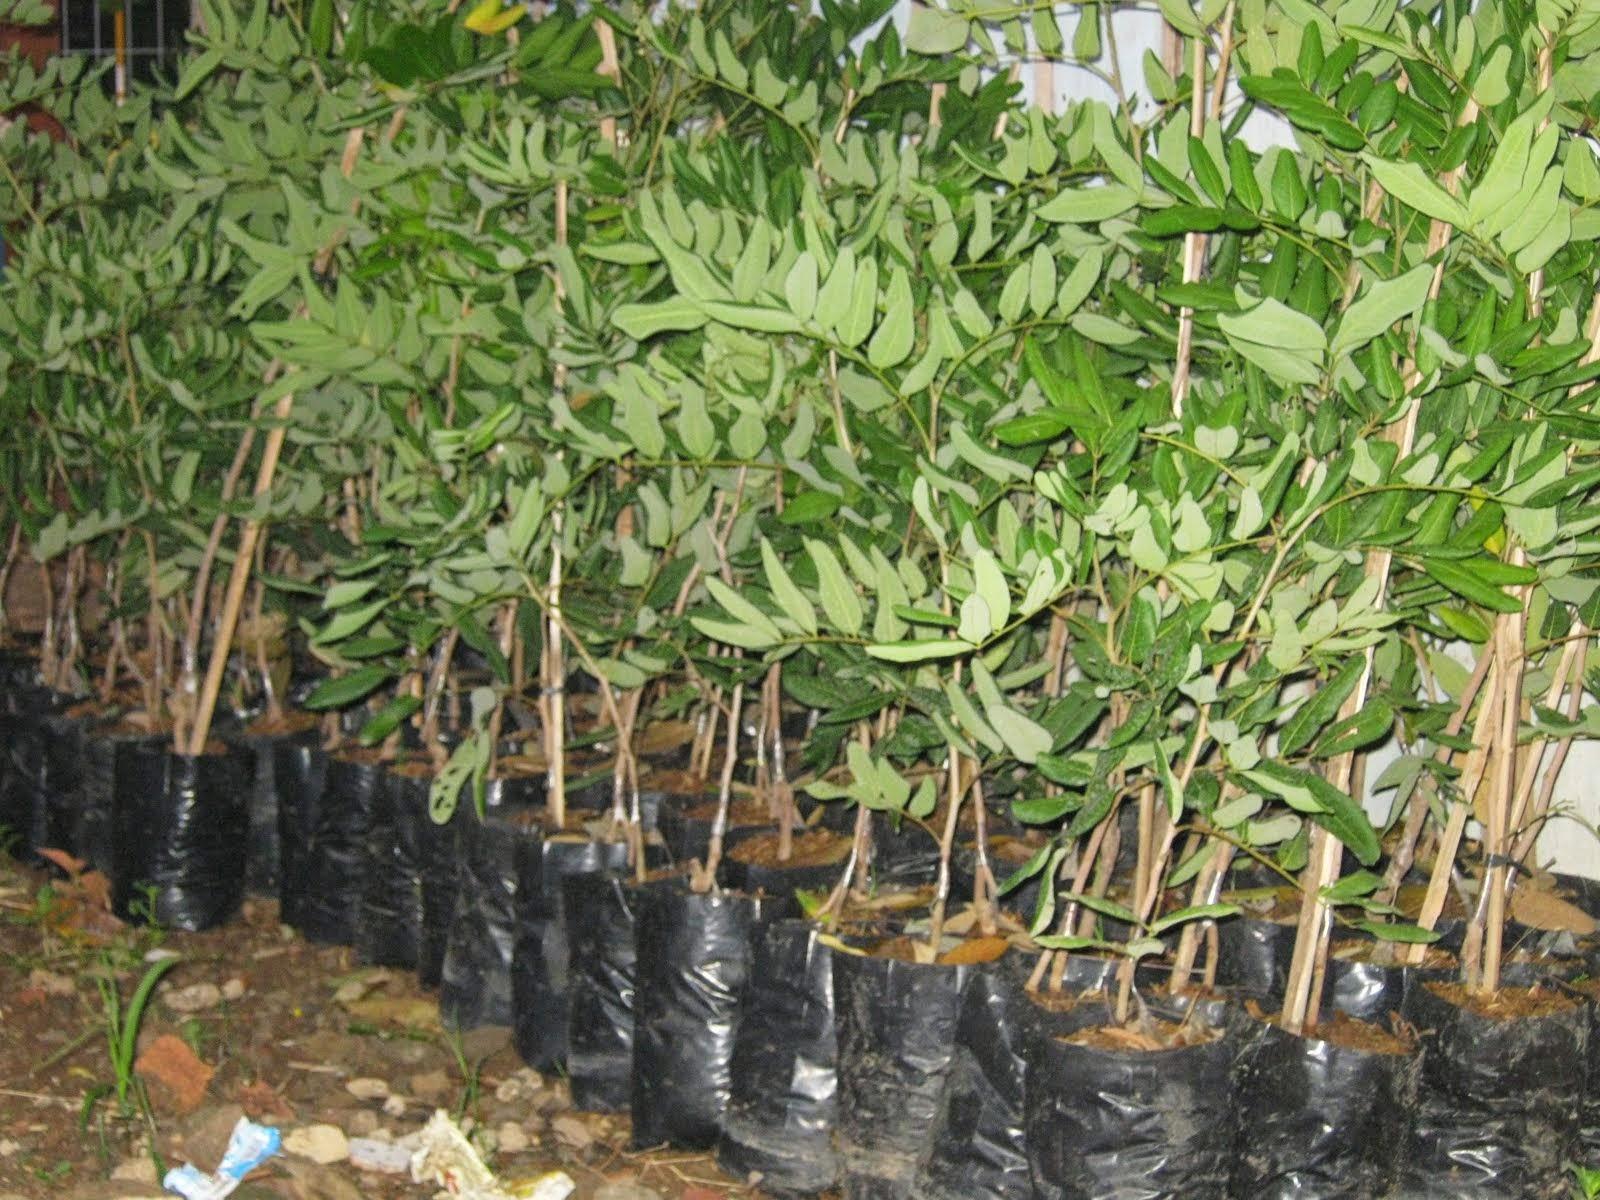 Jual bibit pohon LENGKENG | jasa tukang taman | dekorasi taman | saung gazebo